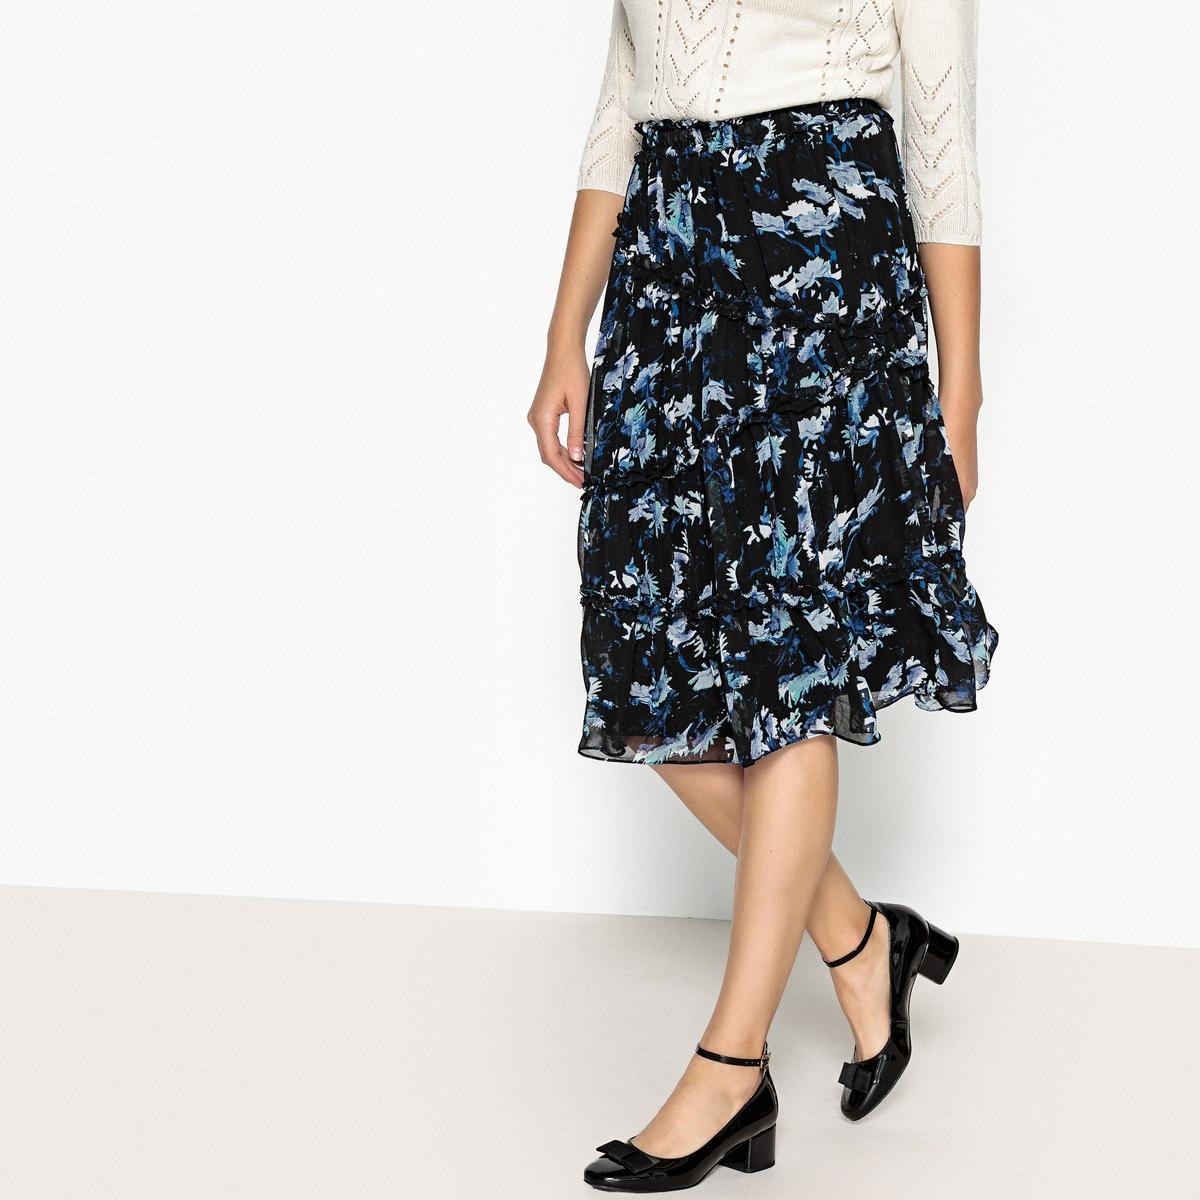 Юбка La Redoute Расклешенная с цветочным принтом FREDA S черный юбка la redoute короткая расклешенная с цветочным рисунком и оборками на поясе xs бежевый